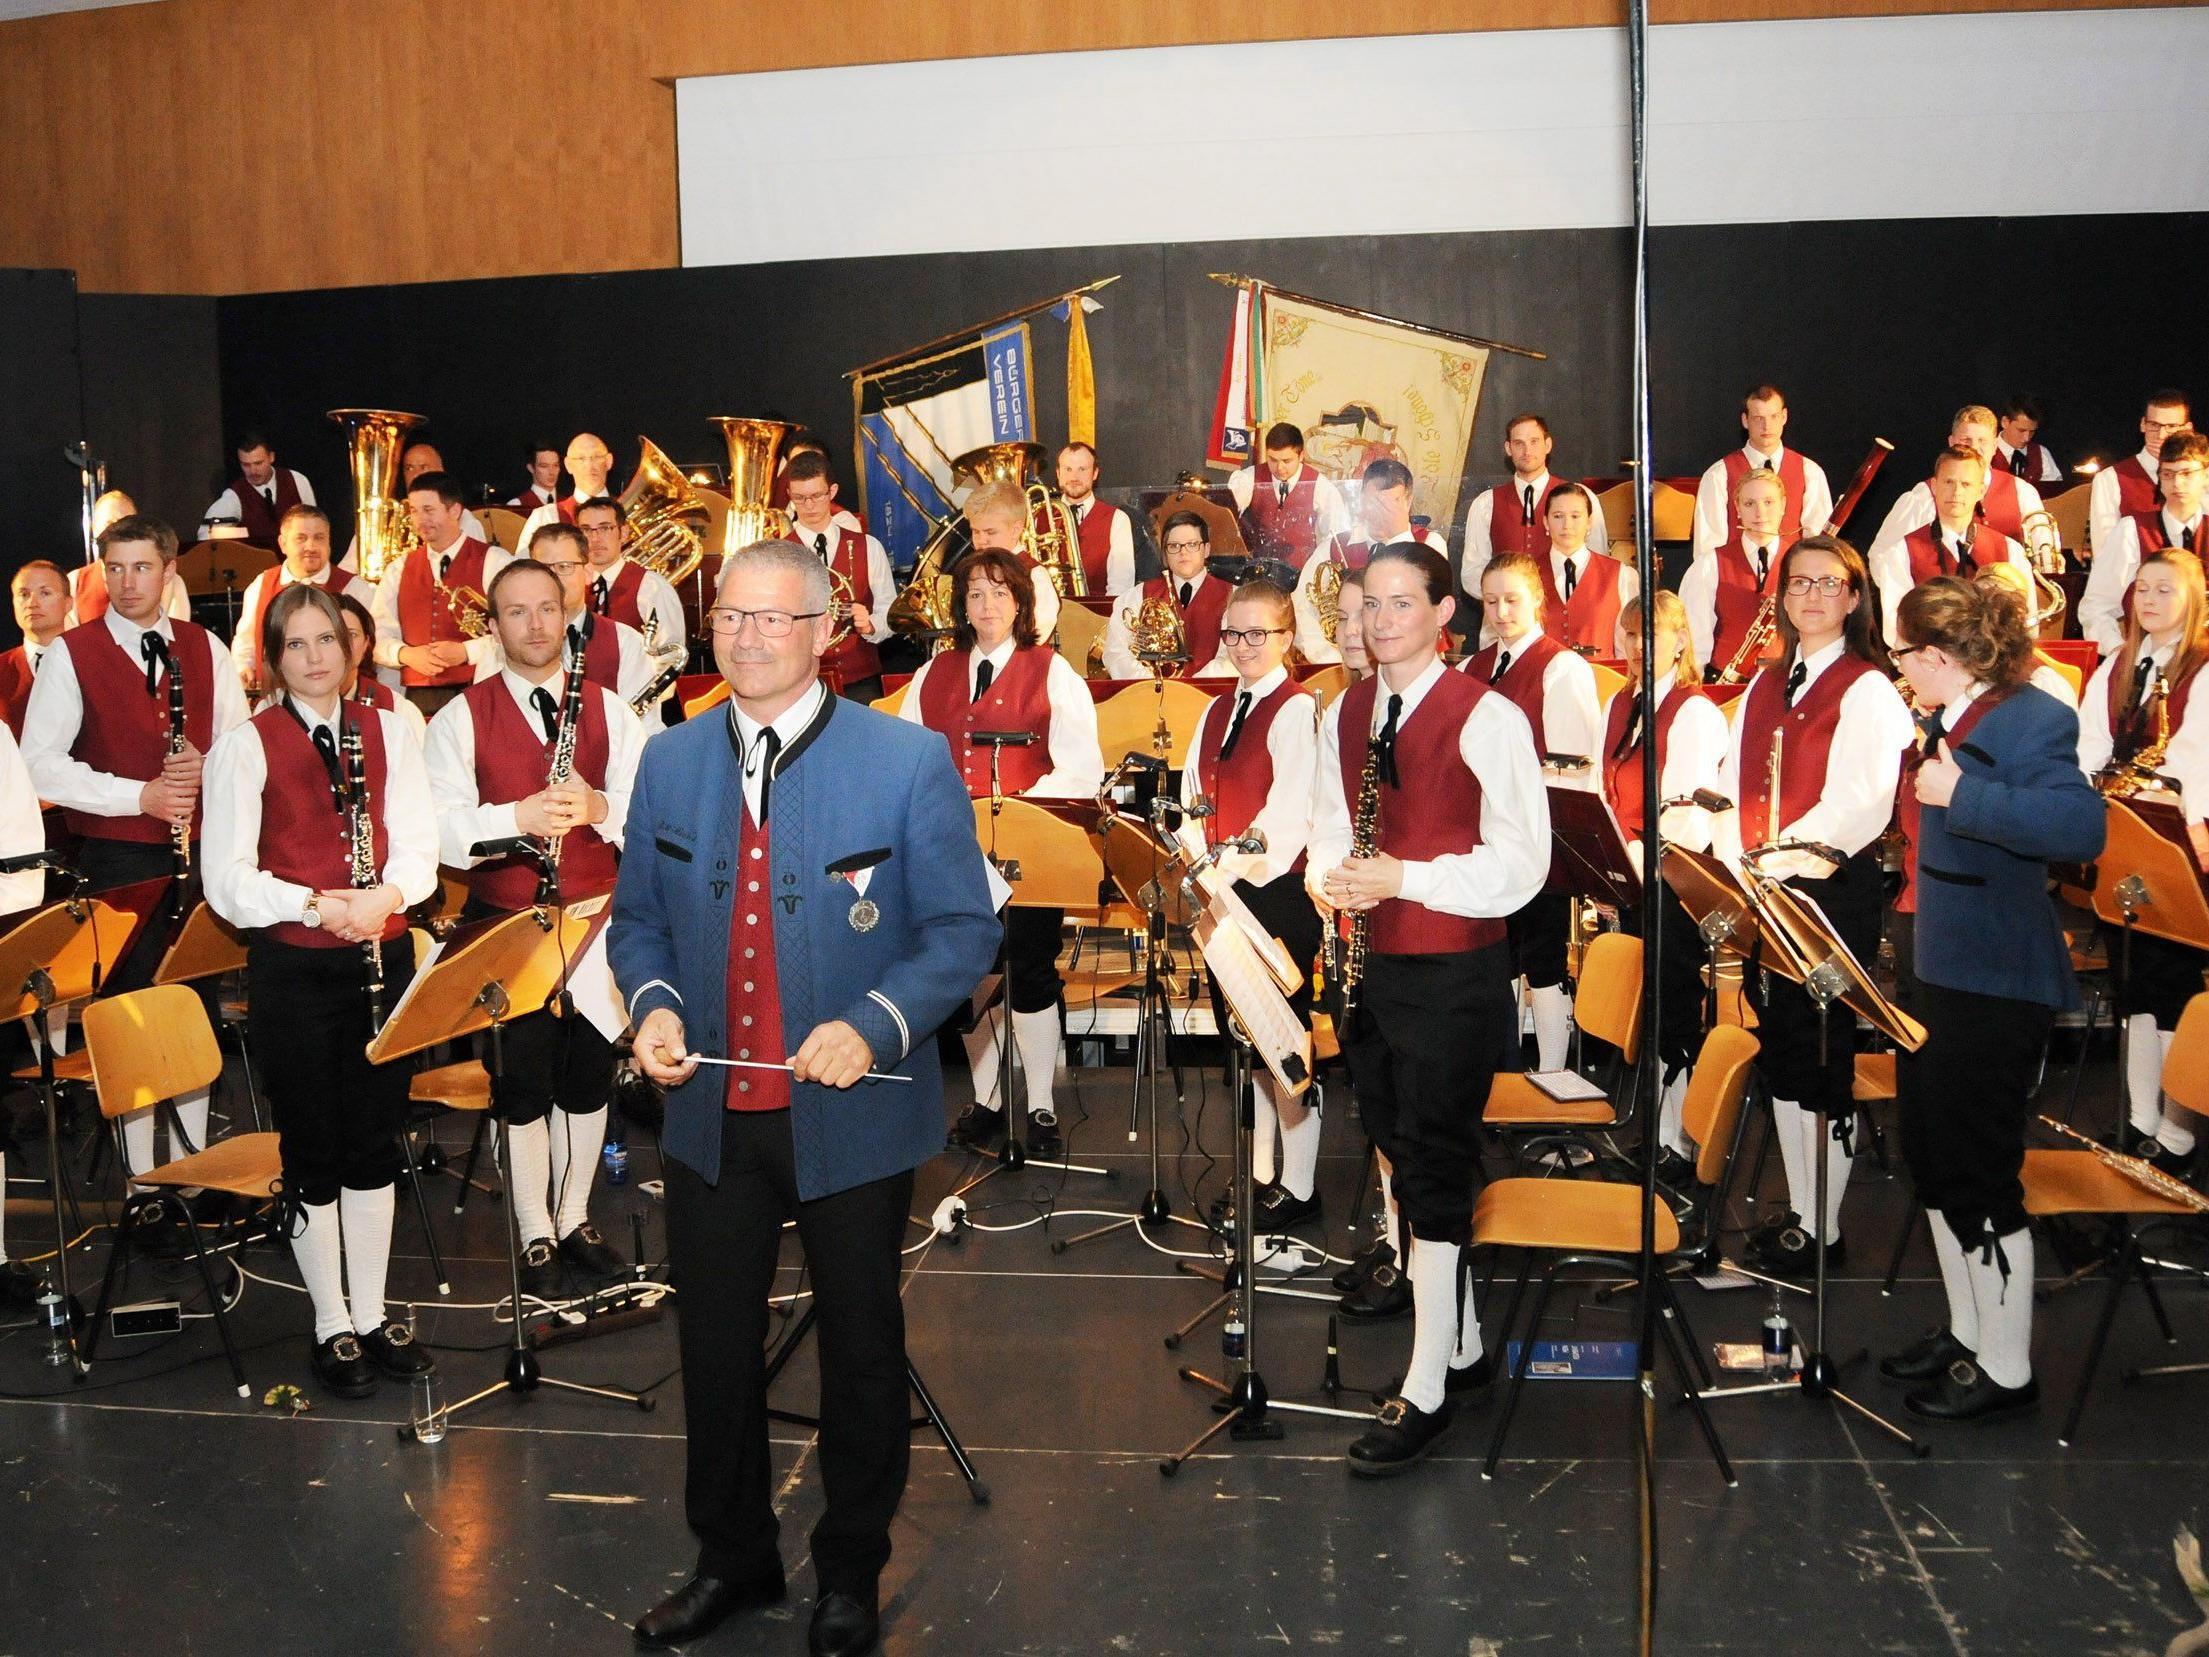 Ab 18 Uhr spielt am Samstag, den 11. Juli, die Bürgermusik Höchst auf dem Kirchplatz zum Dämmerschoppen.